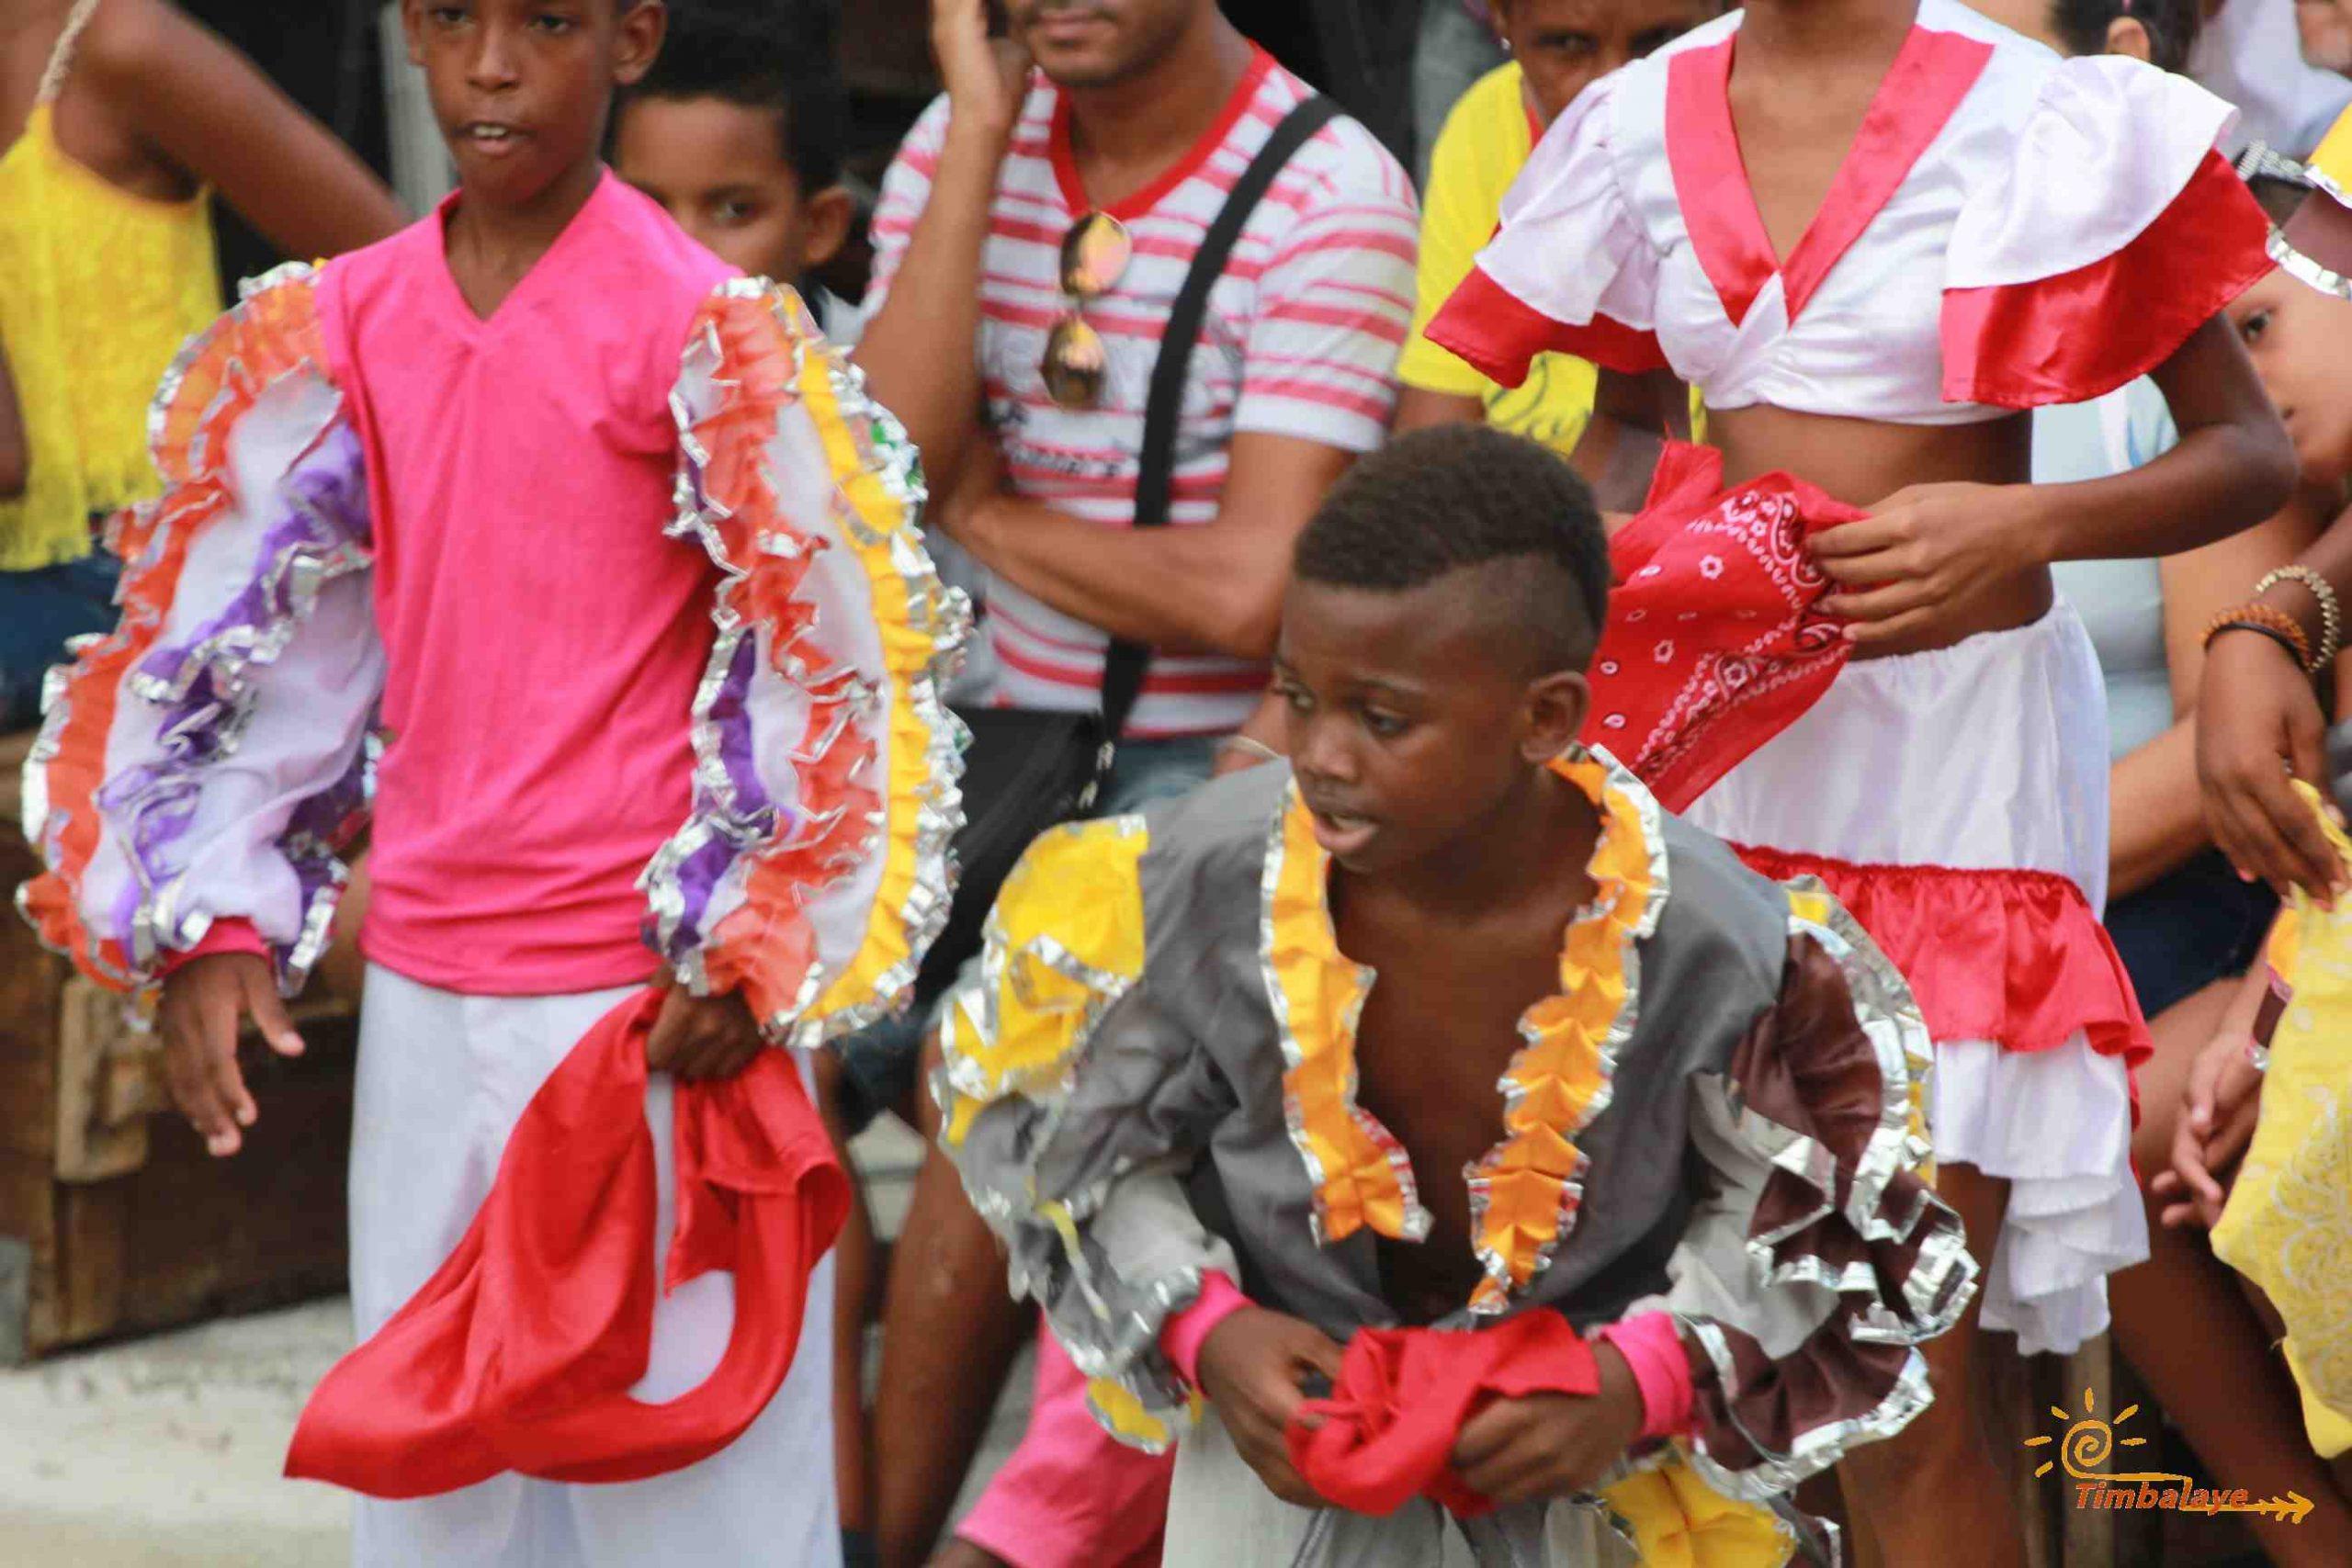 Resumen del XII Edición del Festival Internacional Timbalaye «La Ruta de la Rumba»